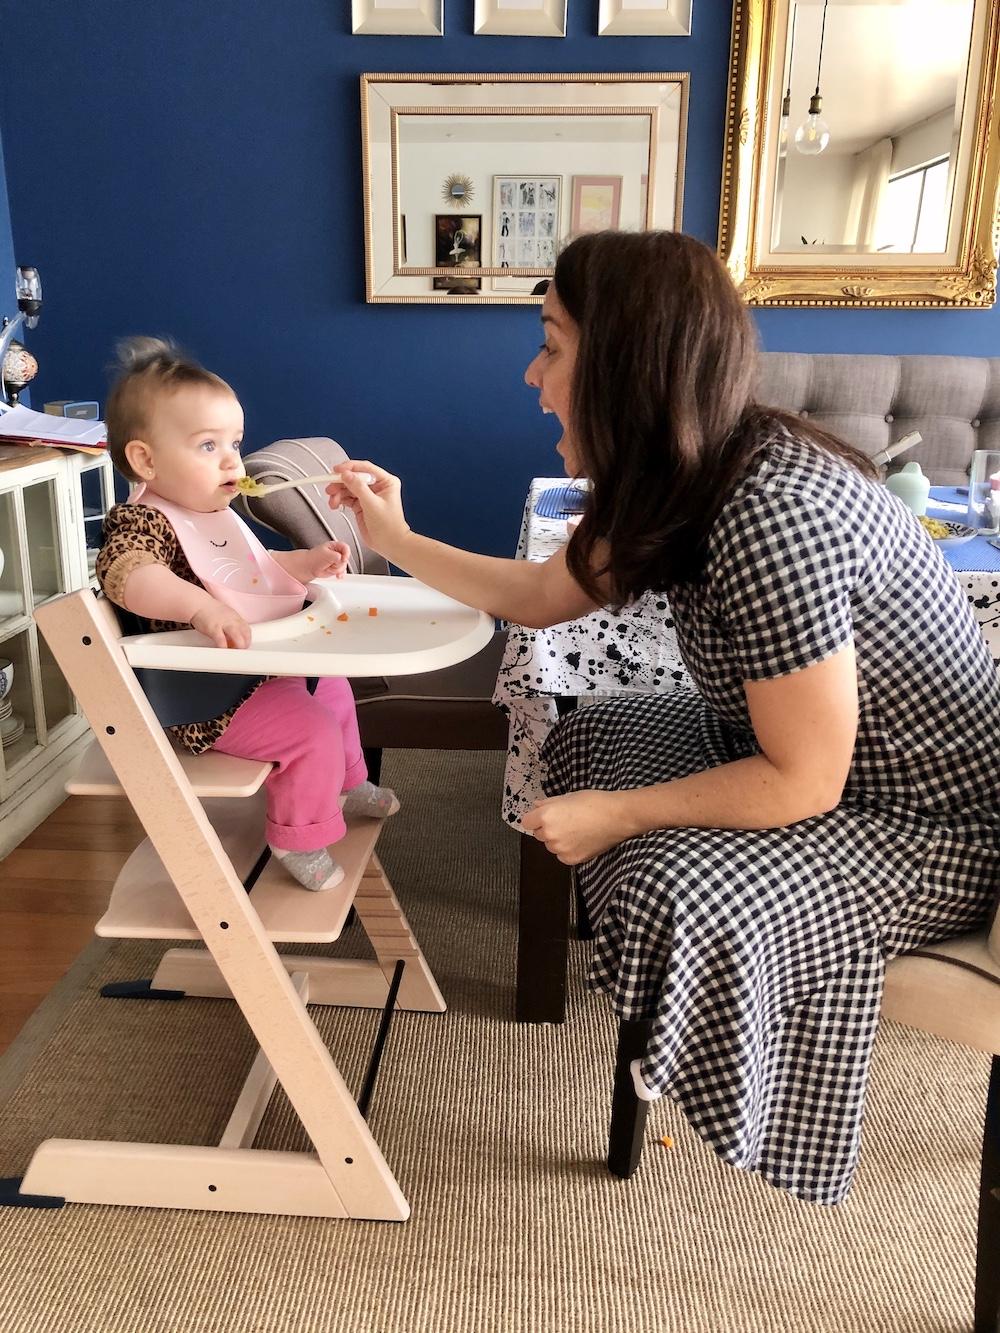 La vida de serendipity. Las comidas del bebé. Silla Stokke